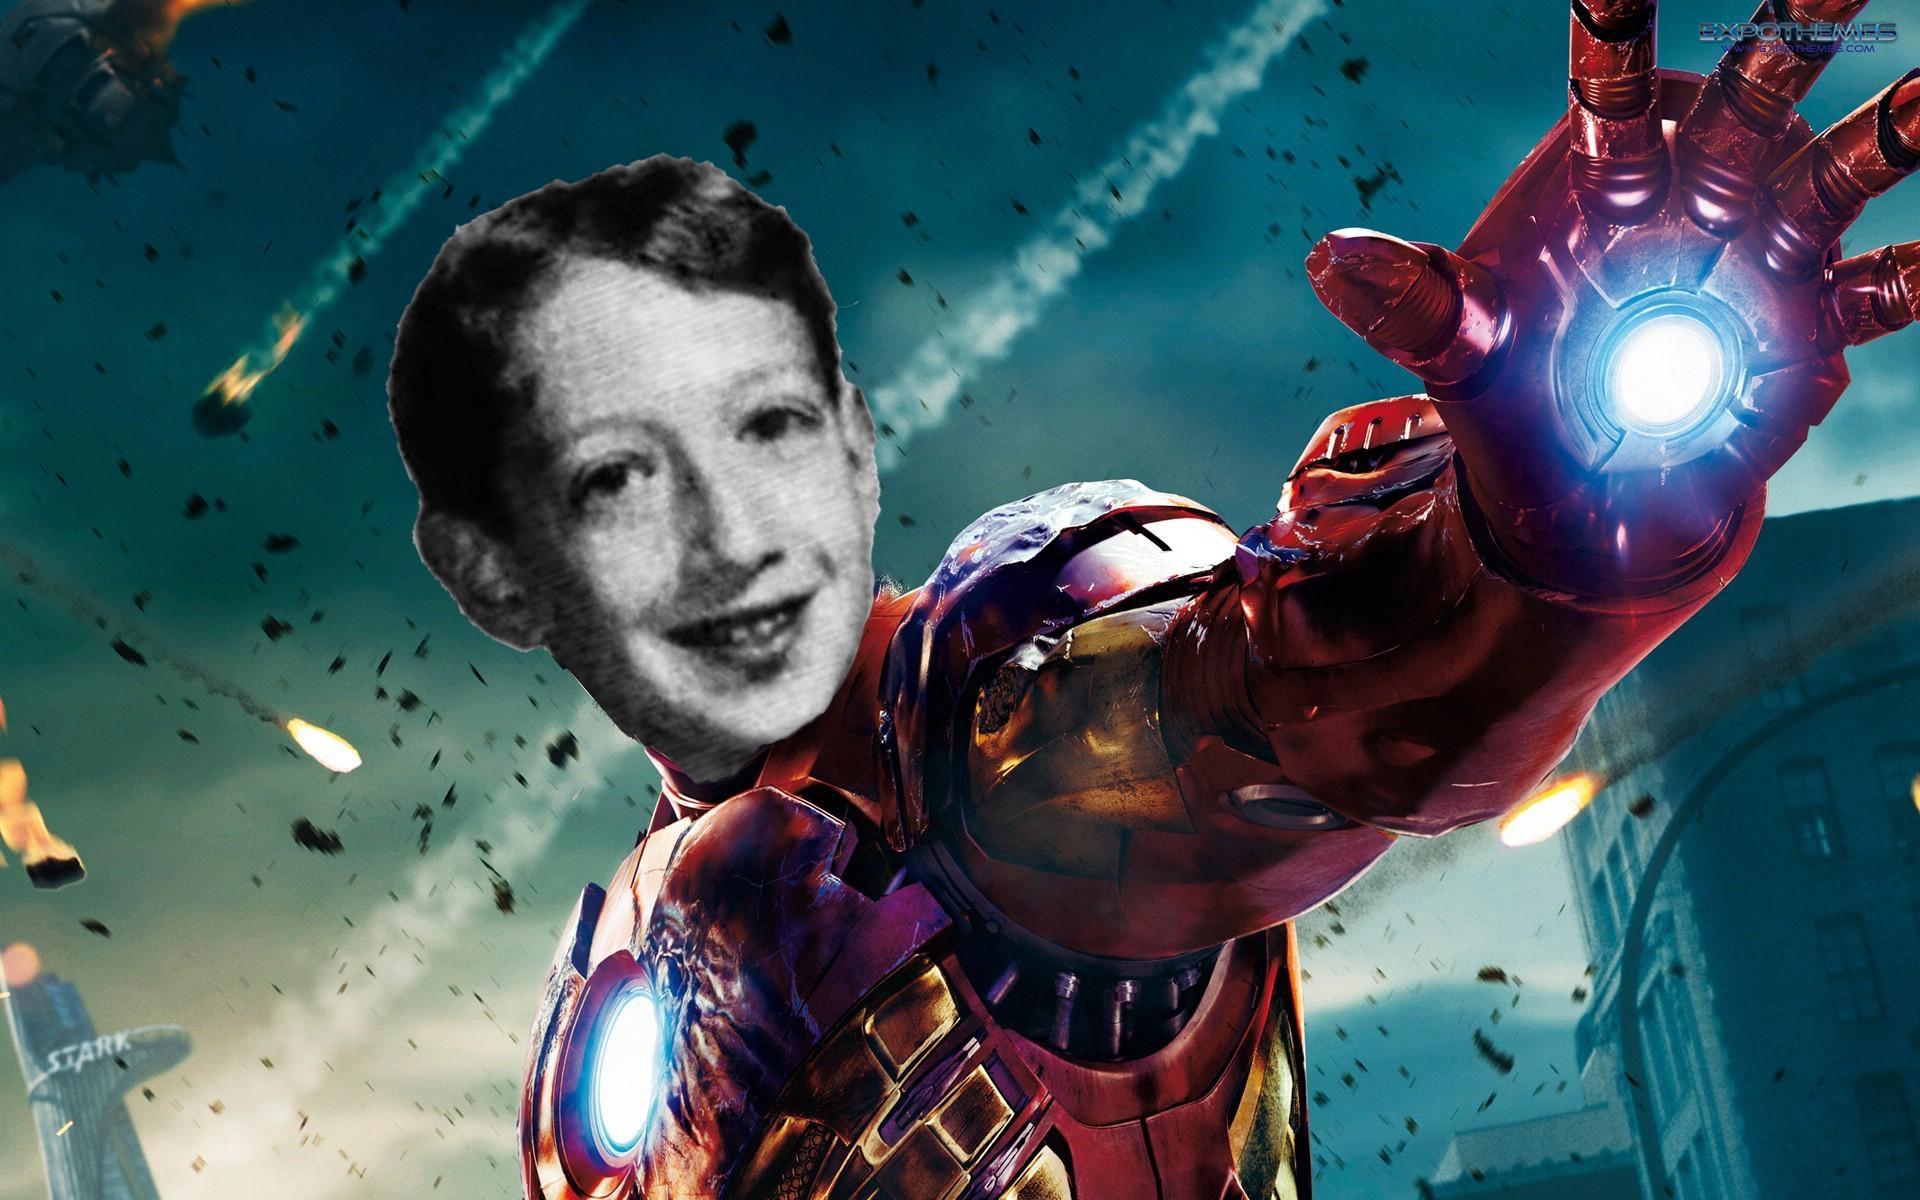 Mark Zuckerberg jako A.I. J.A.R.V.I.S. z filmu Iron Man